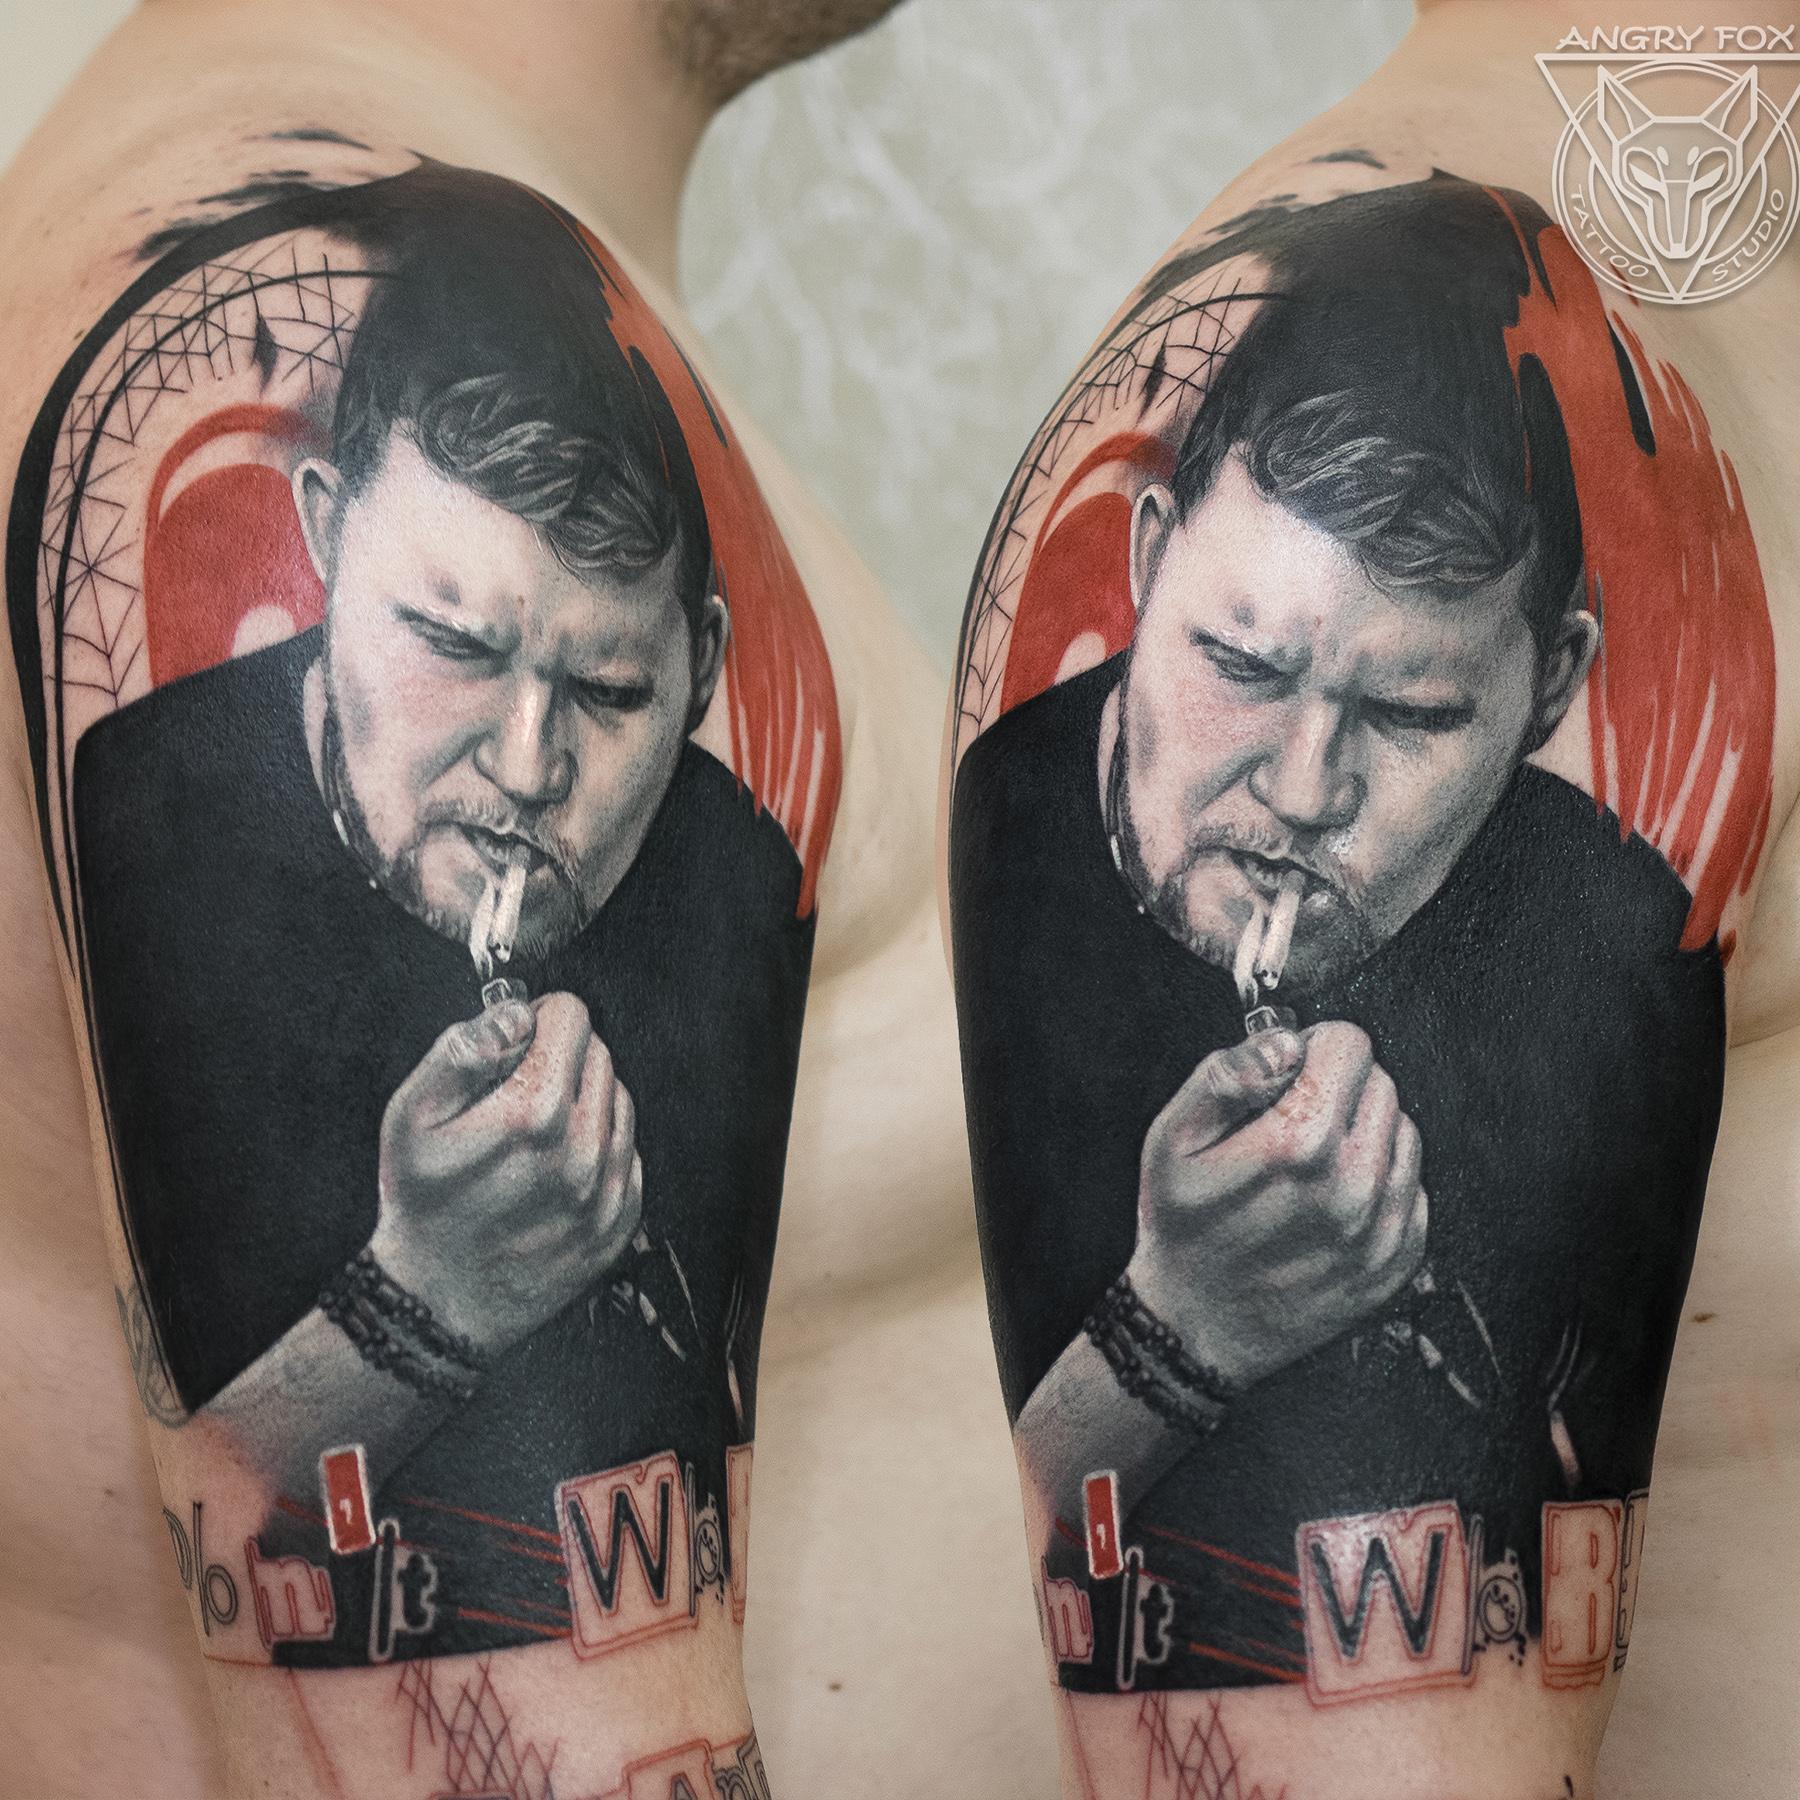 Татуировка, тату, трэшполька, сигарета, курит, прикуривает, портрет, реализм, чб